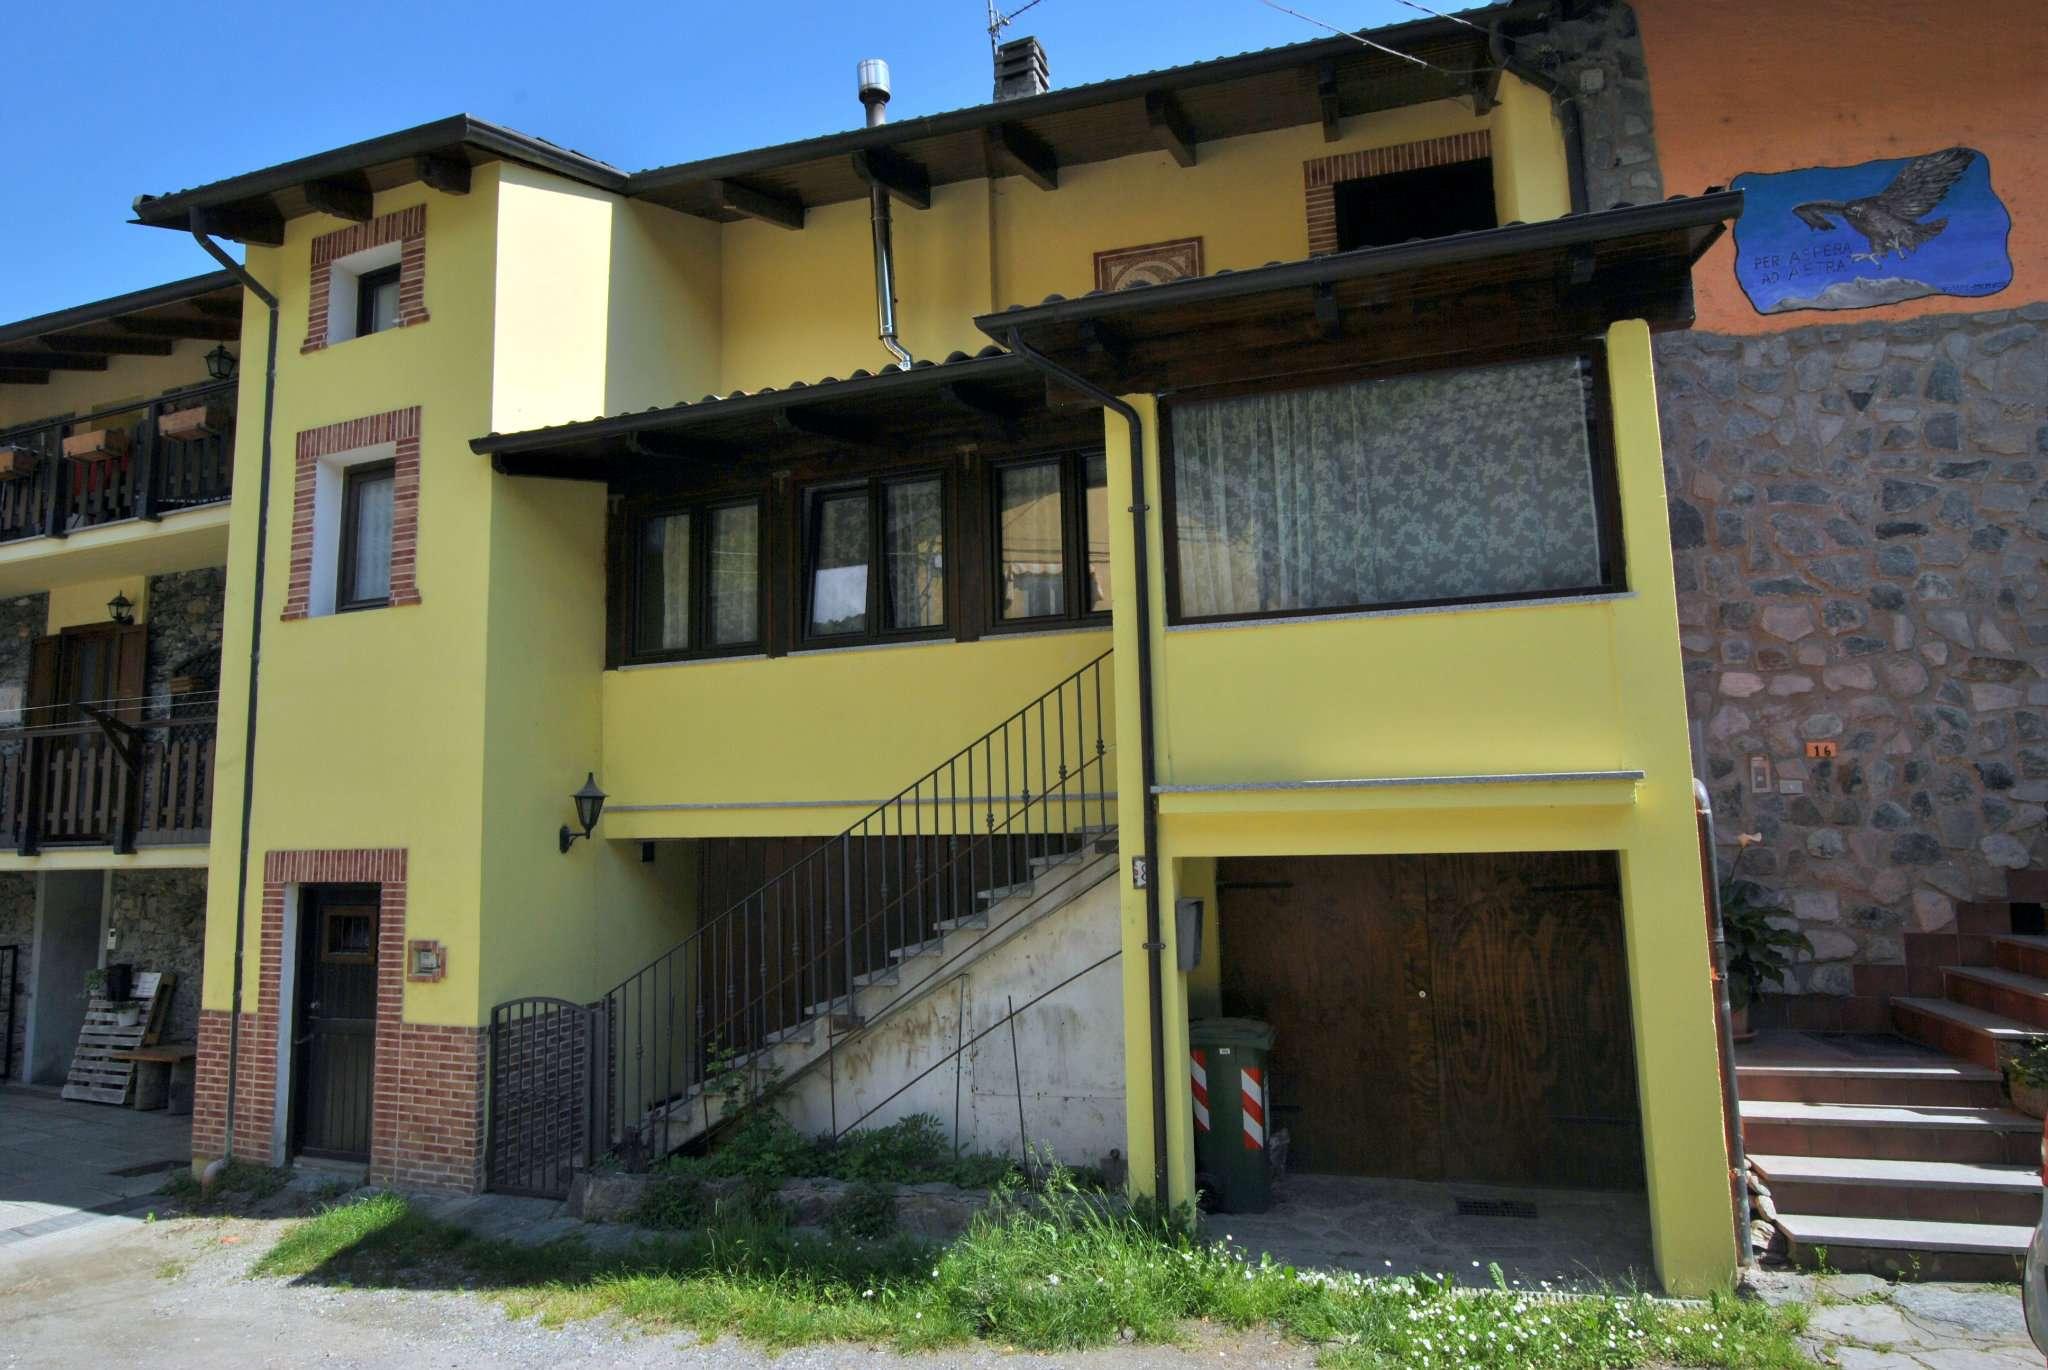 Soluzione Semindipendente in vendita a Chianocco, 4 locali, prezzo € 120.000 | PortaleAgenzieImmobiliari.it